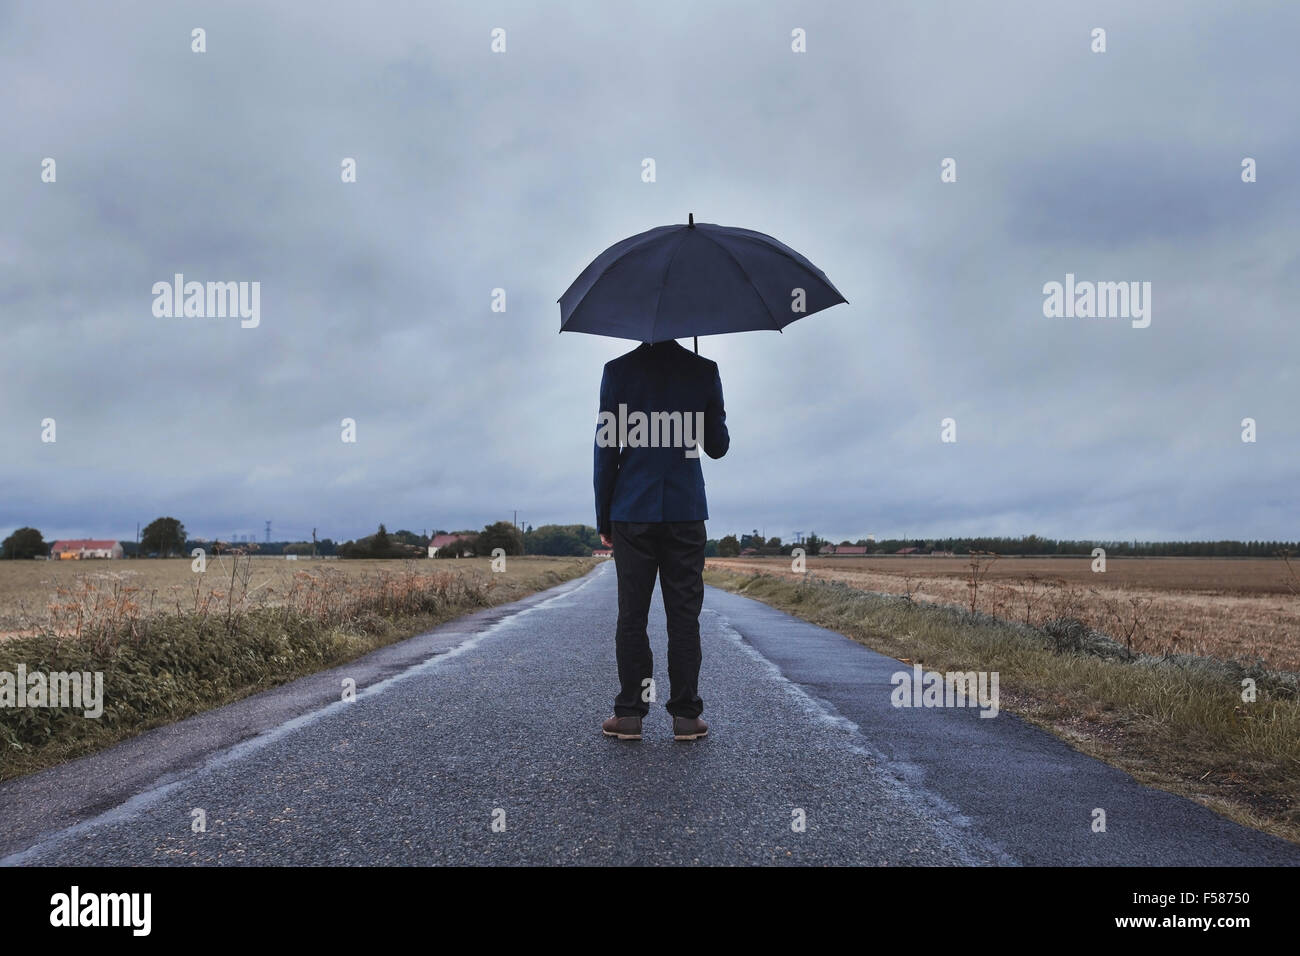 Los temores y el concepto cambiante de la vida, se desvaneció colores Imagen De Stock